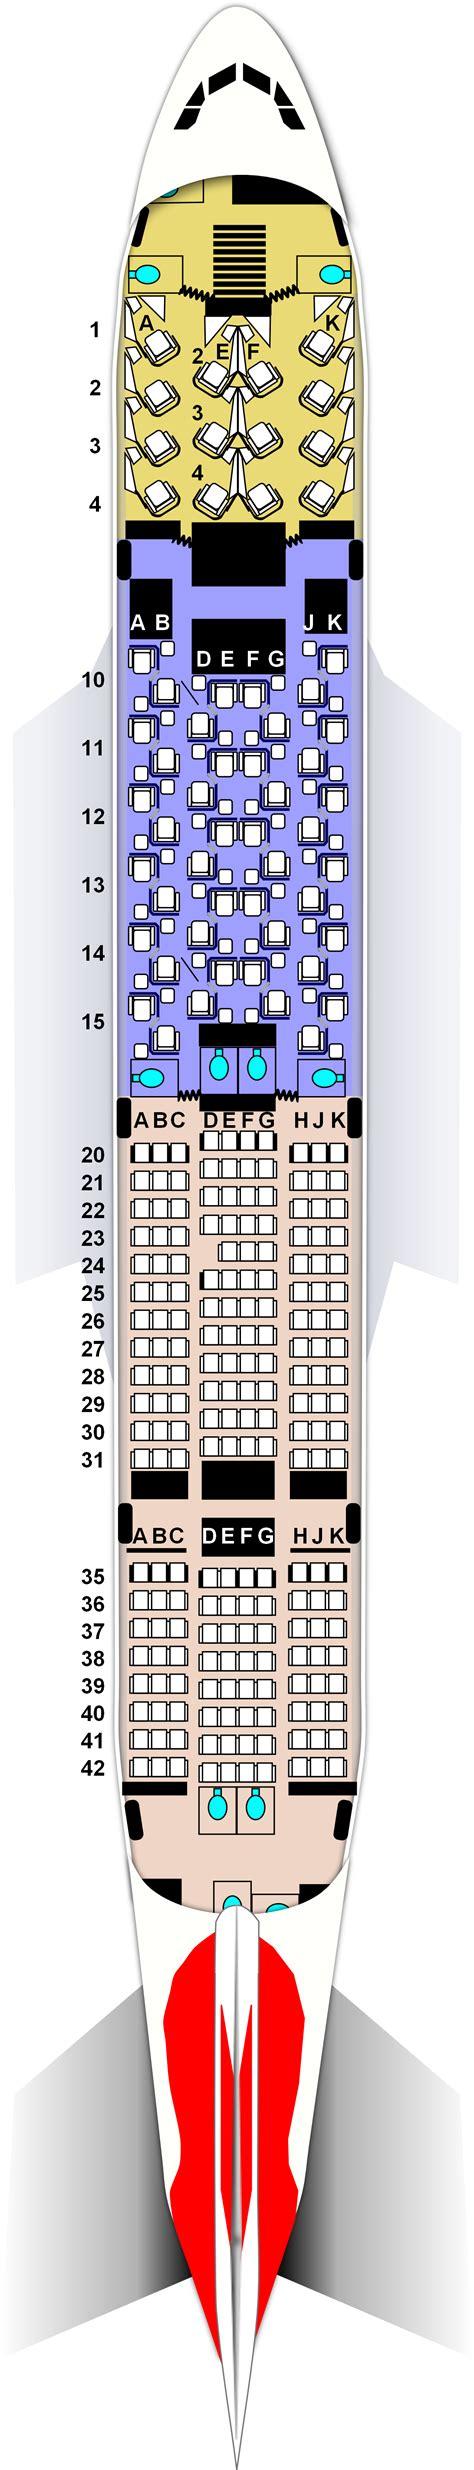 British Airways 744 Seat Map